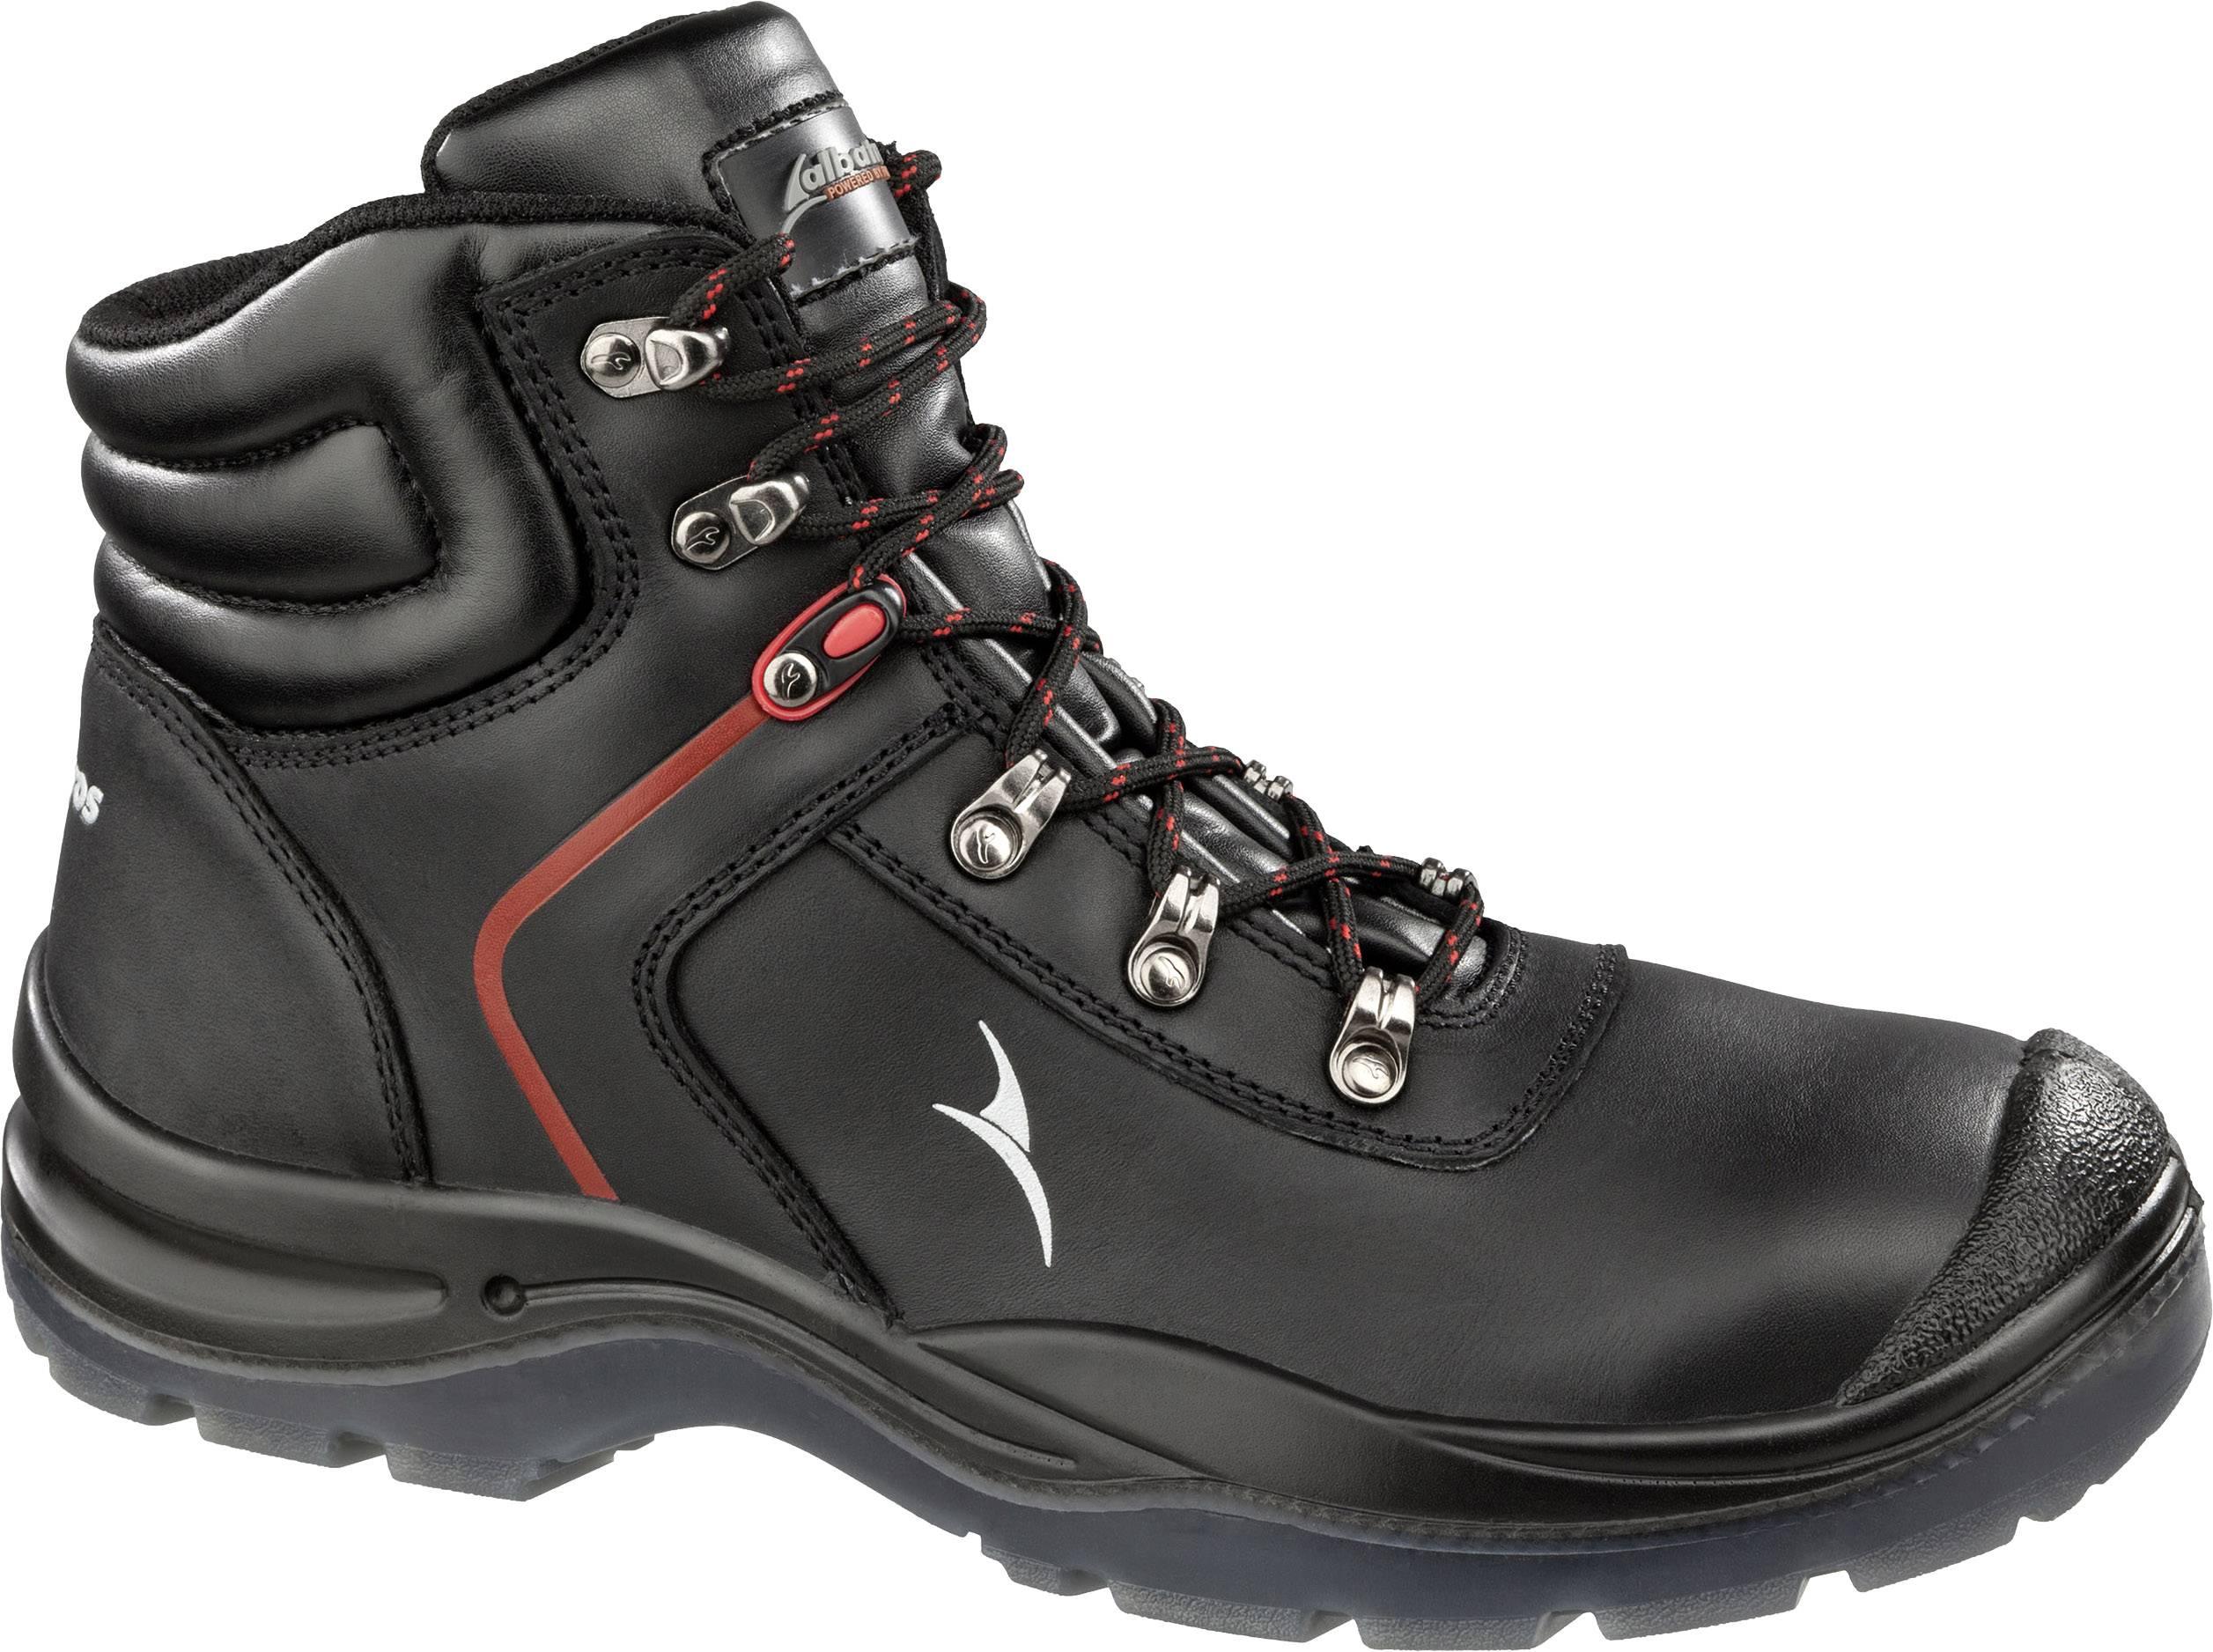 Bezpečnostní pracovní obuv S3 Velikost: 45 Albatros 631080 1 pár